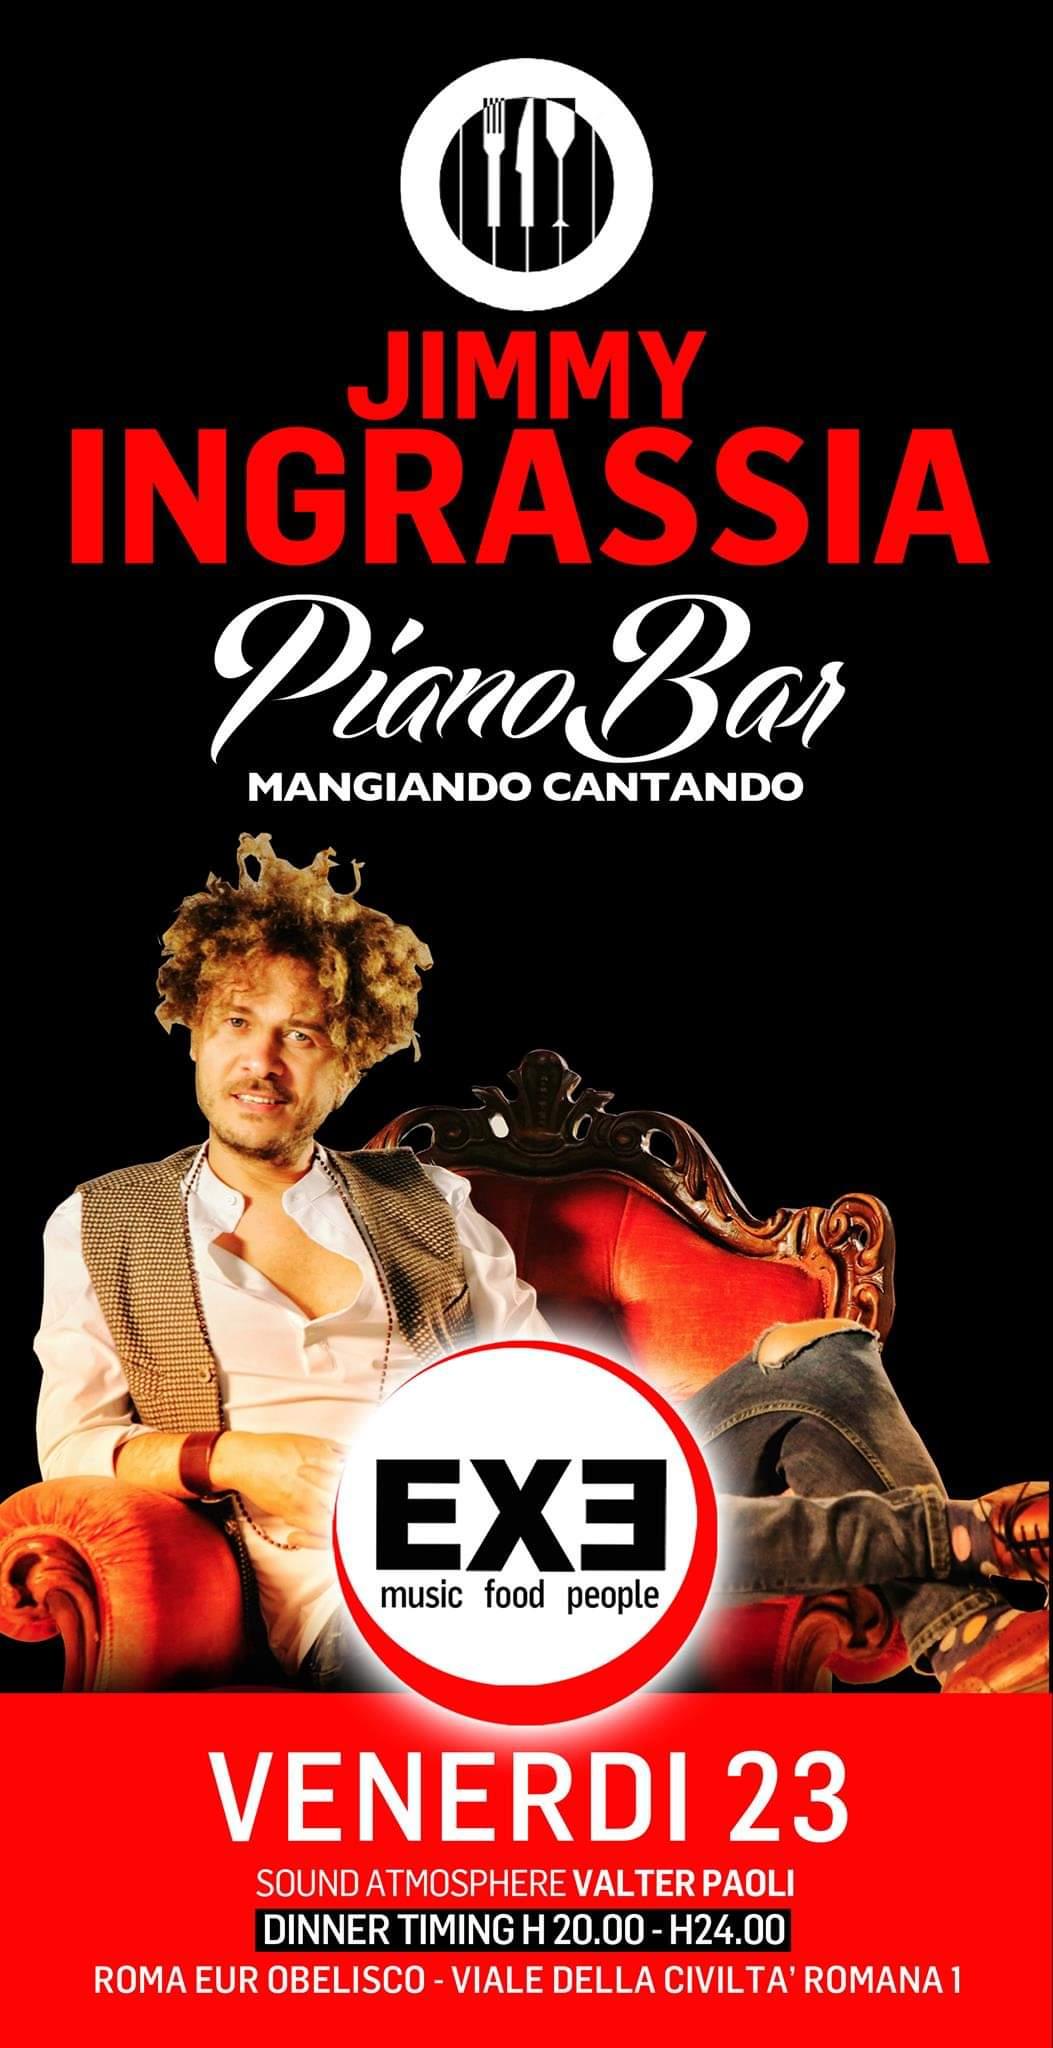 Exe venerdì 23 ottobre 2020 Cena Spettacolo e piano bar Jimmy Ingrassia